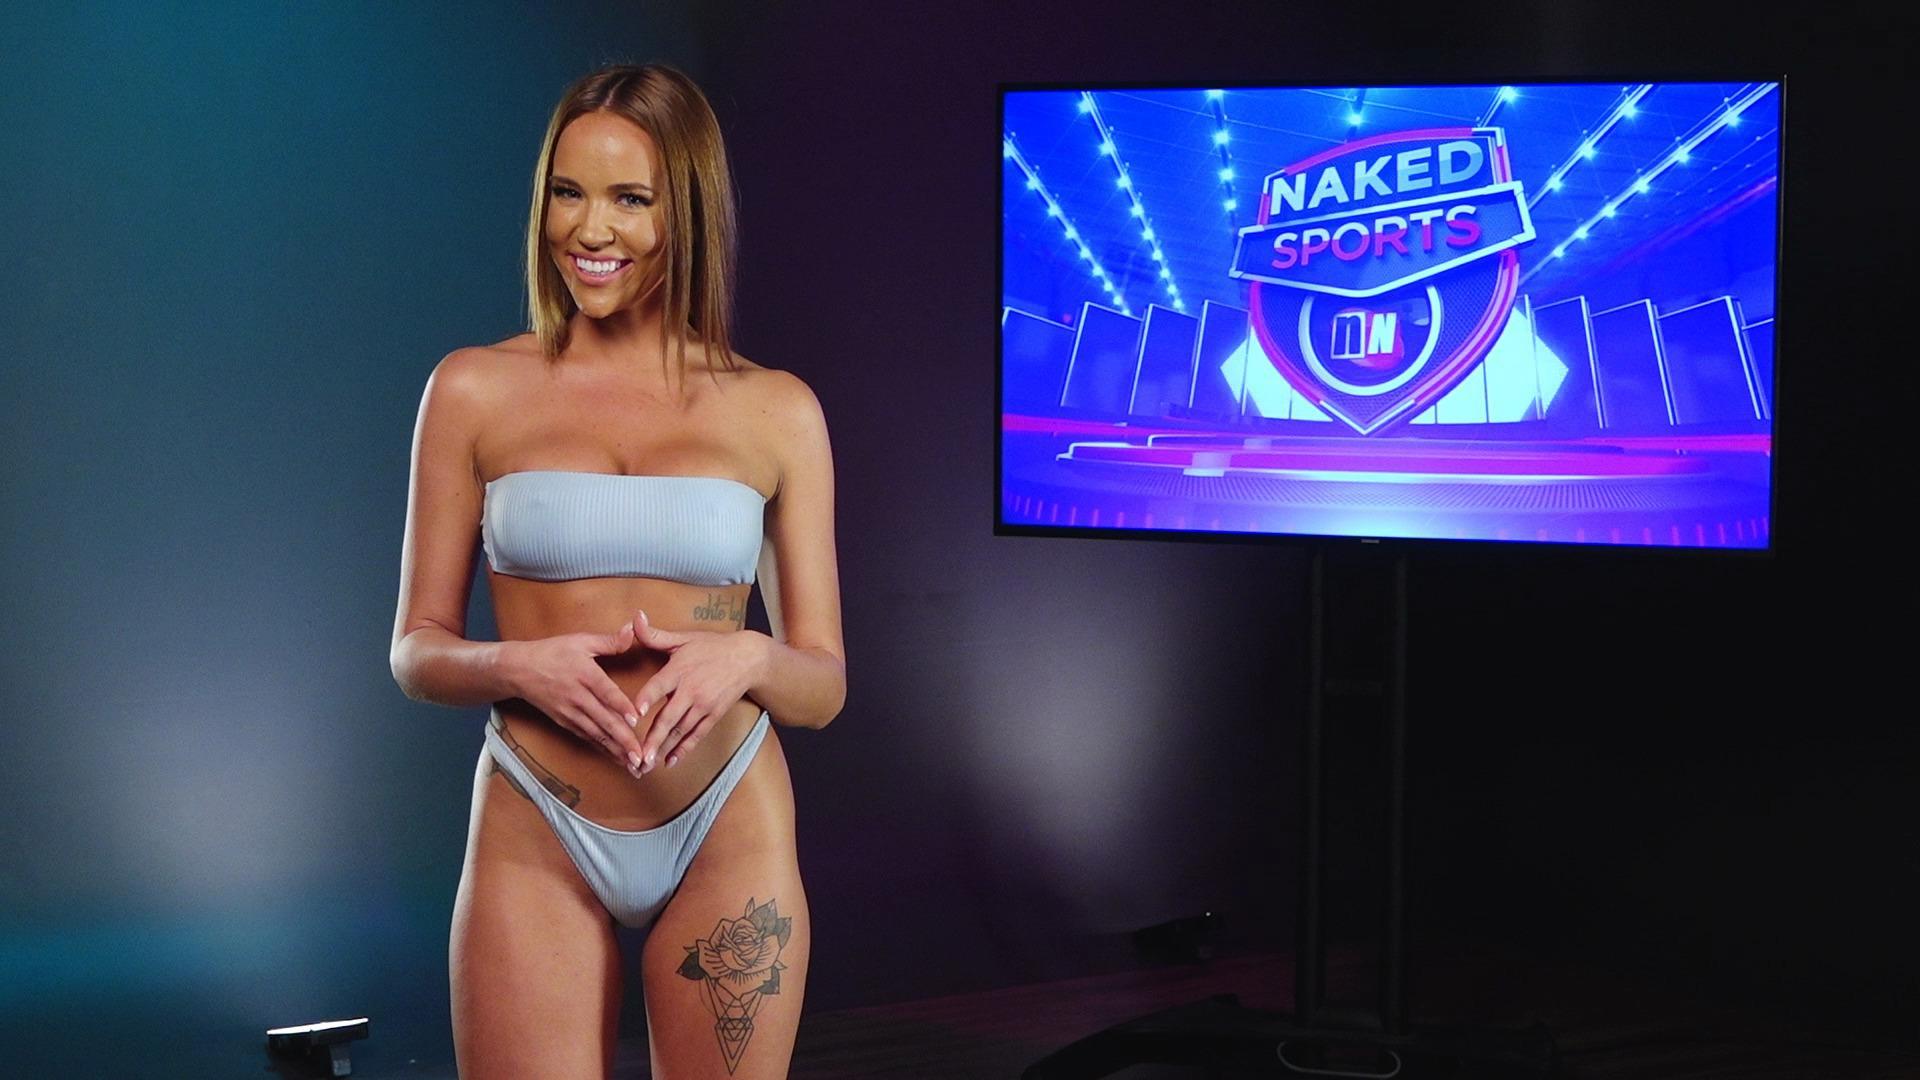 Nude tv ads